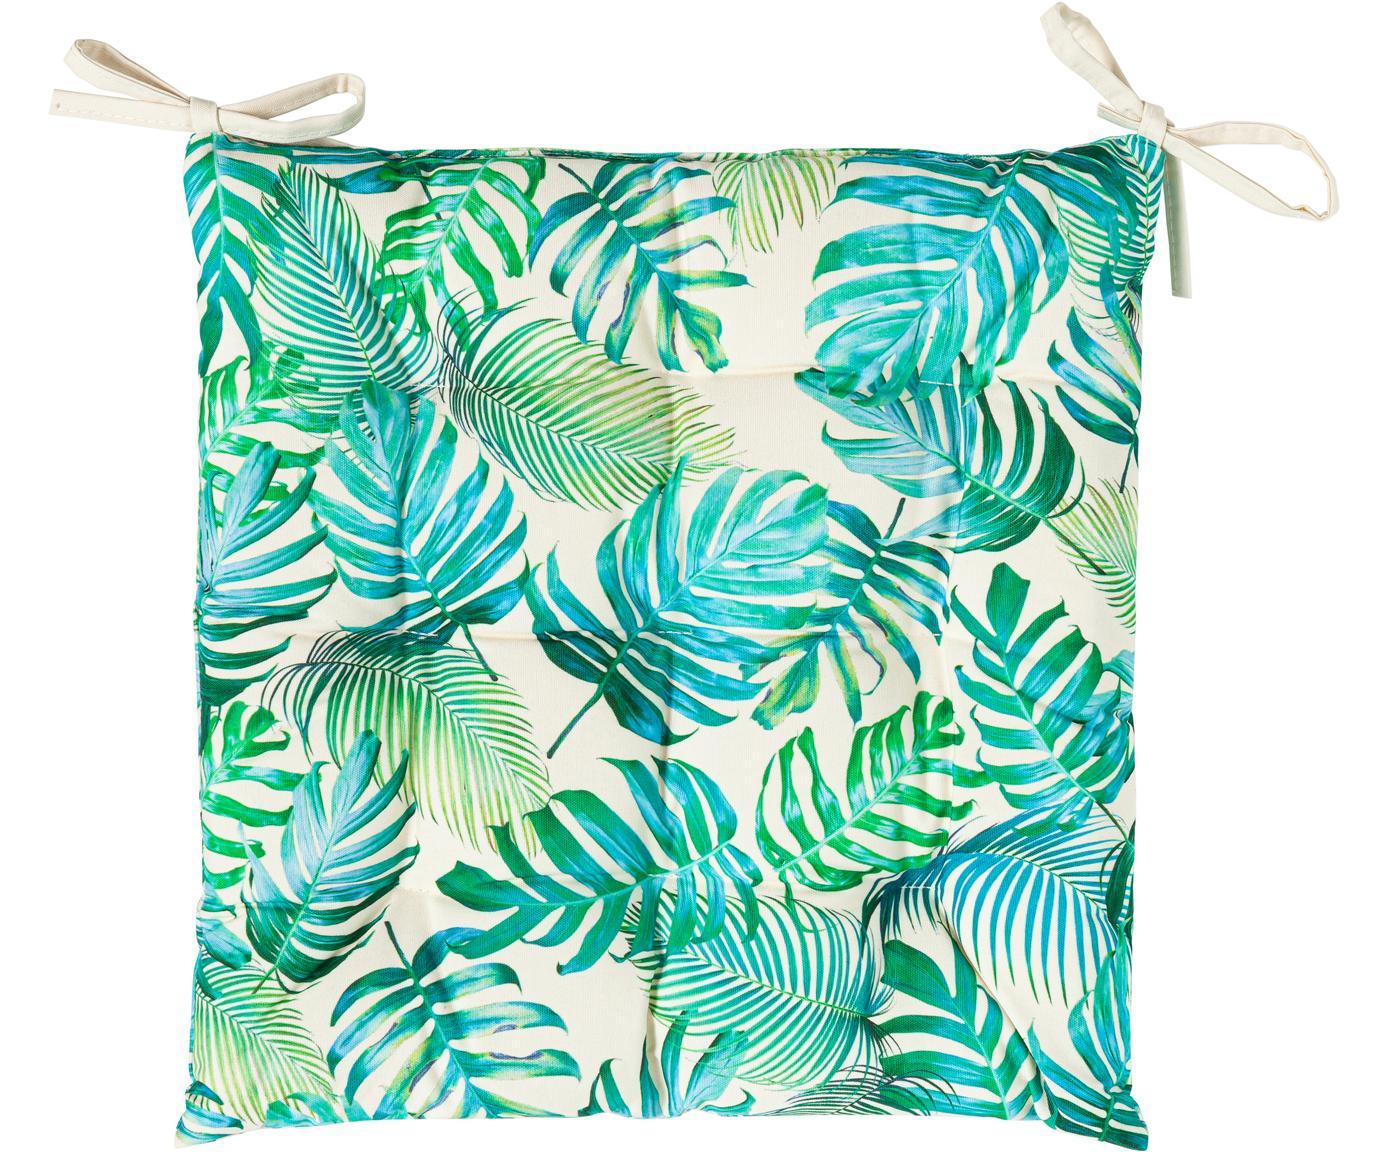 Outdoor-Sitzkissen Madeira mit Blattmuster, 100% Polyester, Gebrochenes Weiß, Blautöne, Grüntöne, 40 x 40 cm